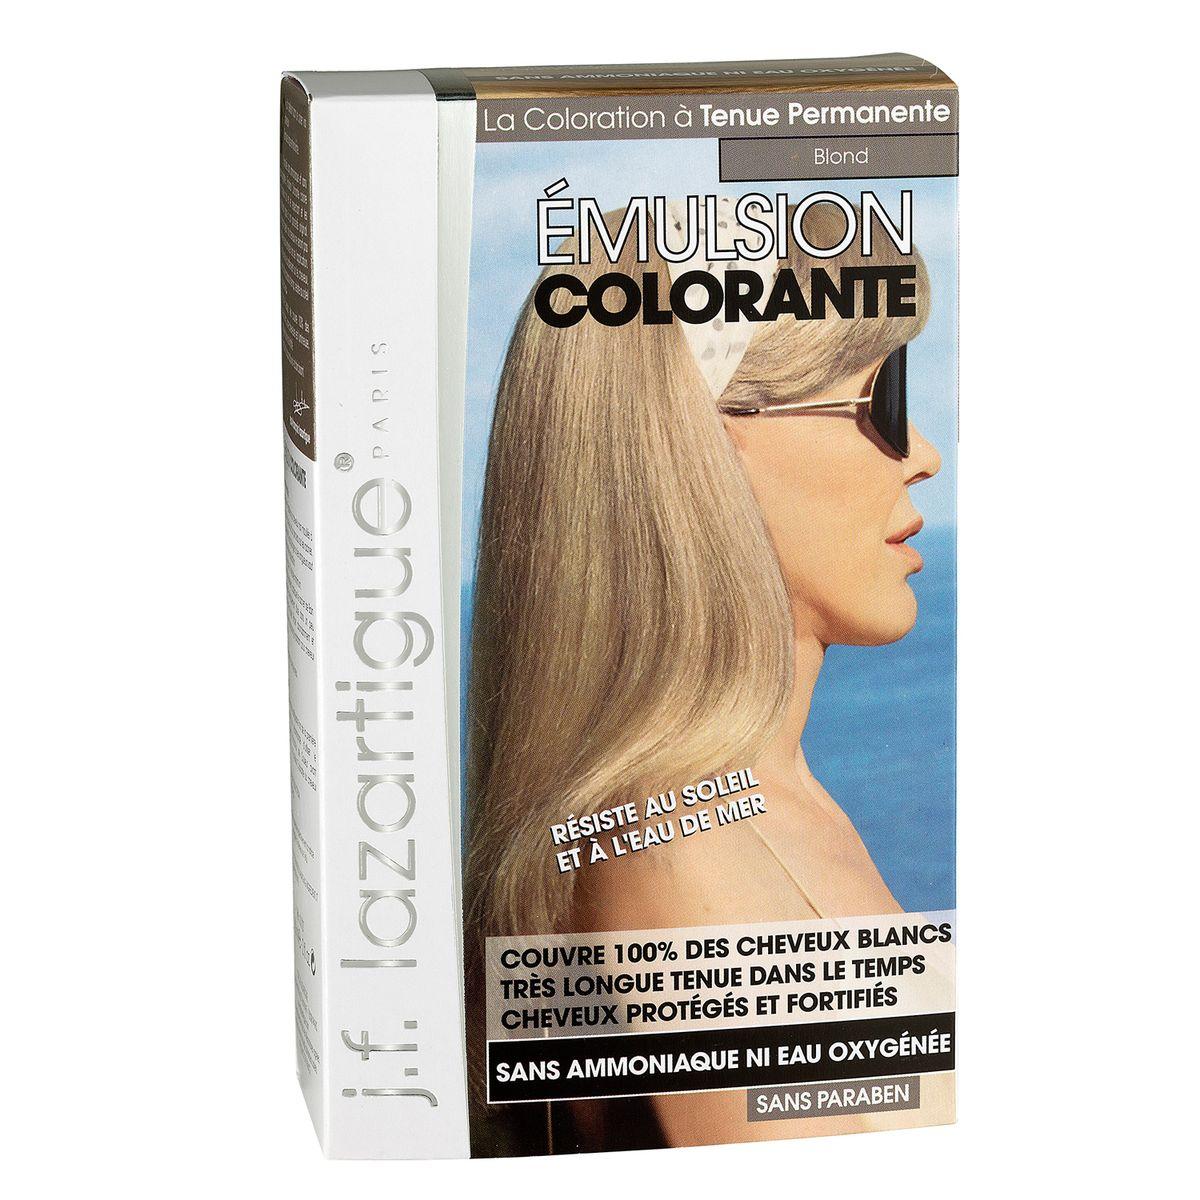 J.F.Lazartigue Оттеночная эмульсия для волос Блондин 60 мл01727Благодаря оригинальной формуле полностью (на 100%) скрывает седину, длительное время сохраняет цвет, поддерживает здоровье и жизненную силу волос и сохраняет эти качества, несмотря на воздействие солнечных лучей, морской воды и прочих неблагоприятных экологических факторов. Не осветляет, не повреждает, а укрепляет волосы. Не содержит аммиака, перекиси водорода и парабенов. Не предназначена для окрашивания бровей и ресниц.